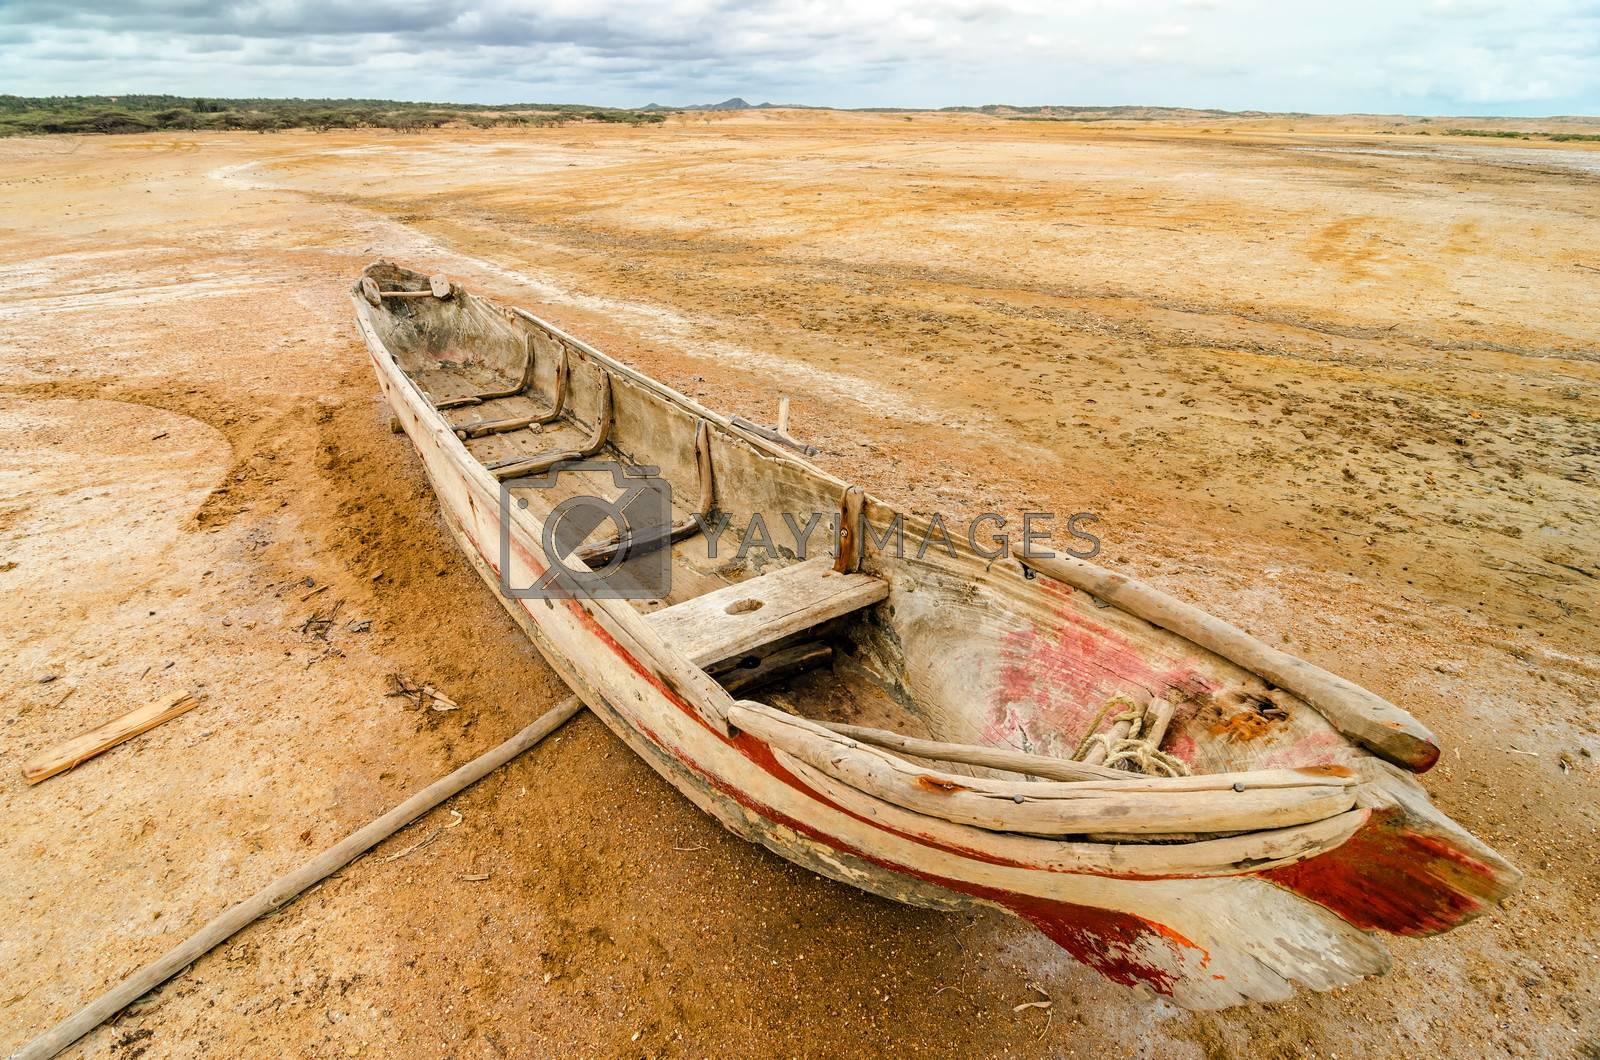 Old dugout canoe stranded in a desert